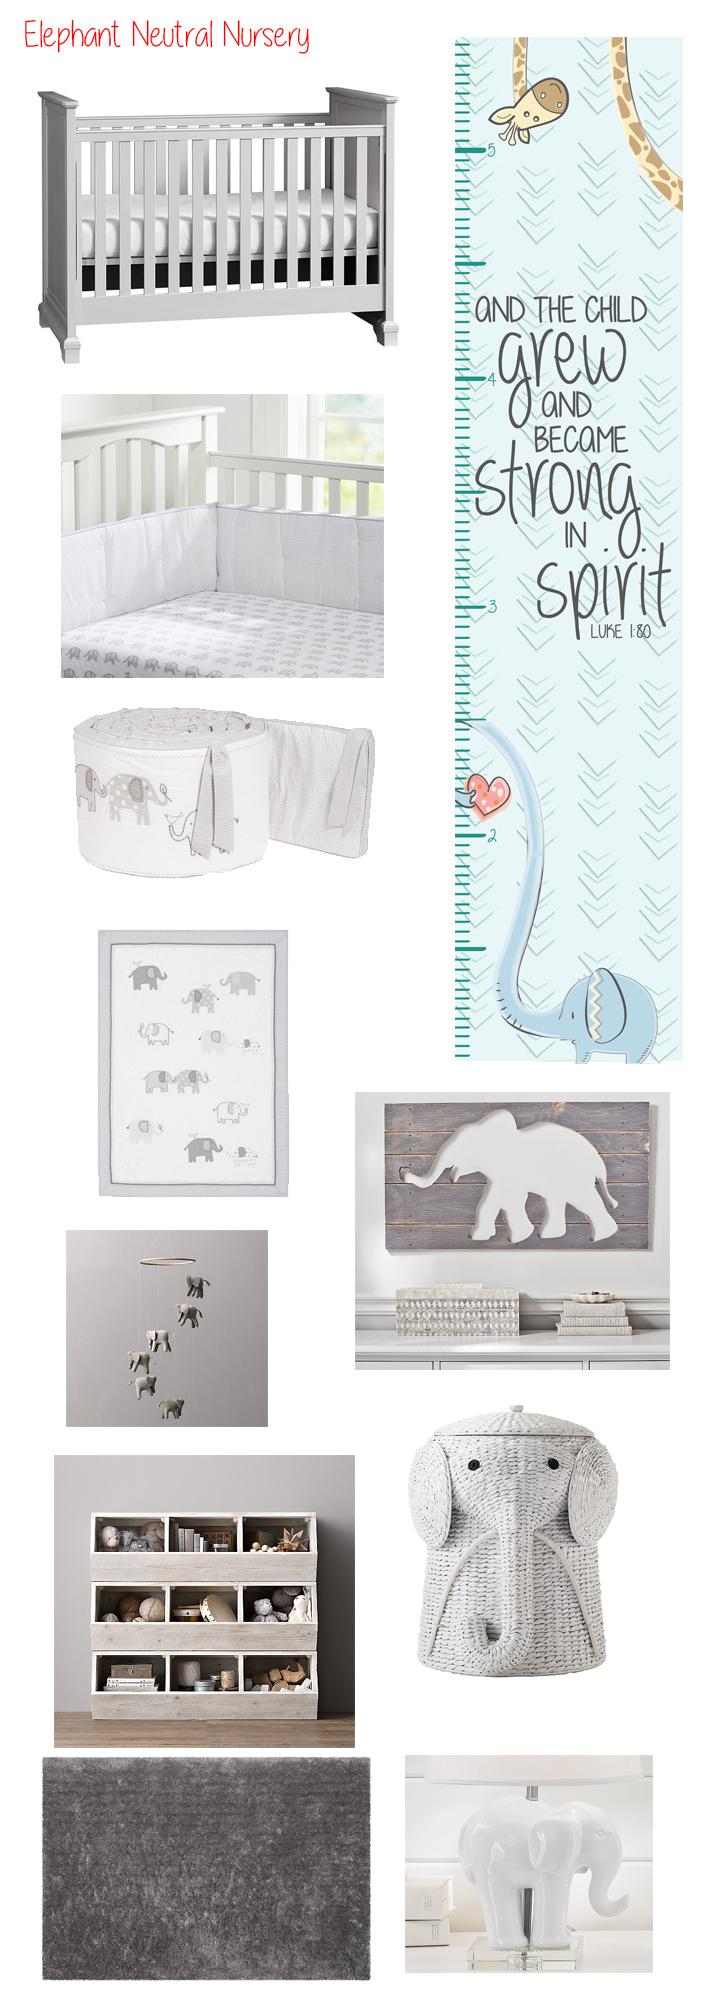 Gender Neutral Elephant Nursery Ideas